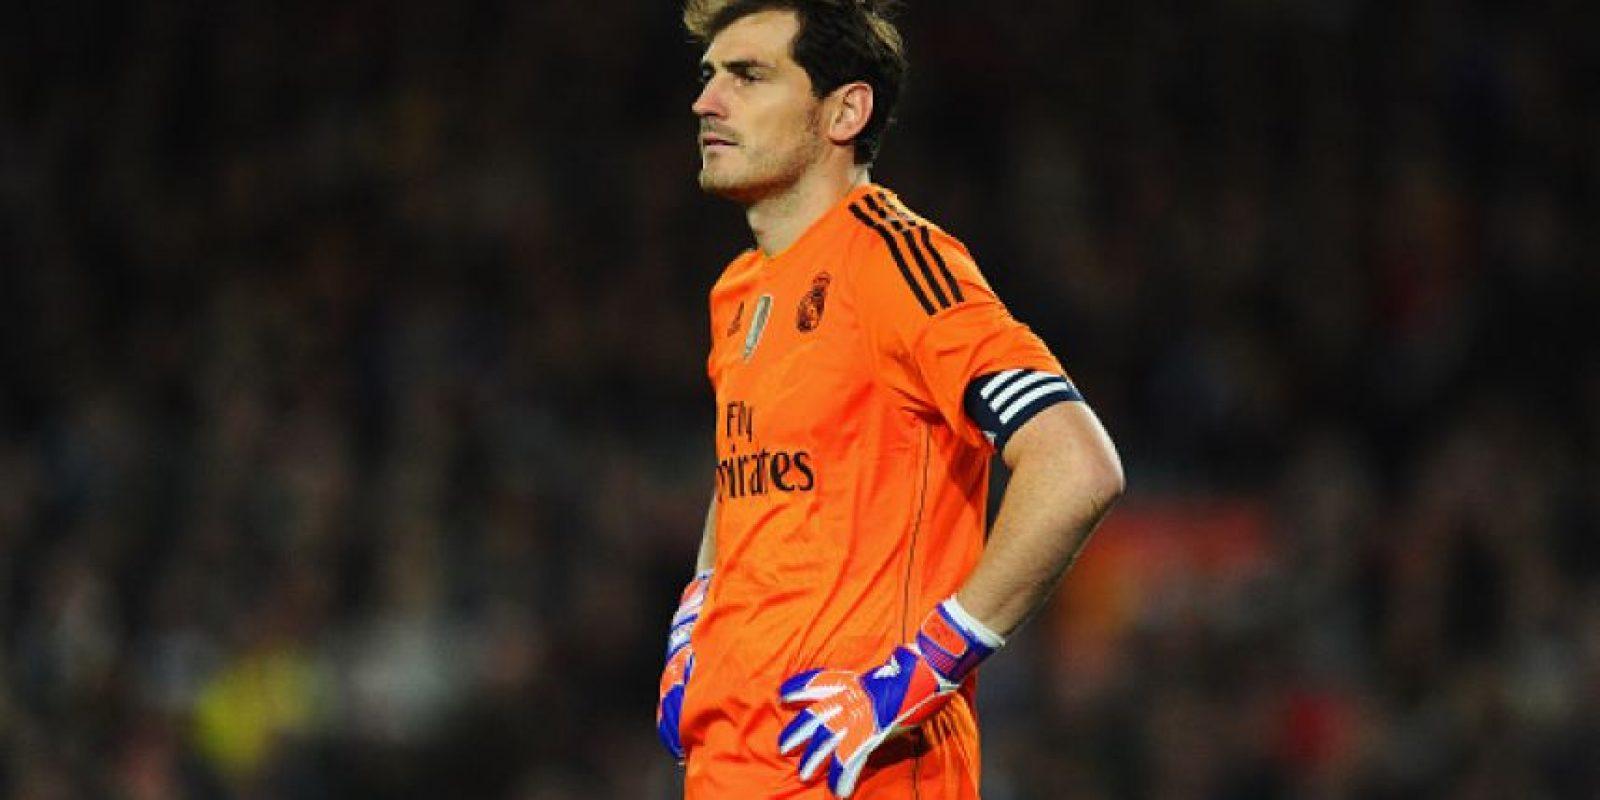 """El arco de los """"merengues"""" será protegido por Iker Casillas Foto:Getty Images"""